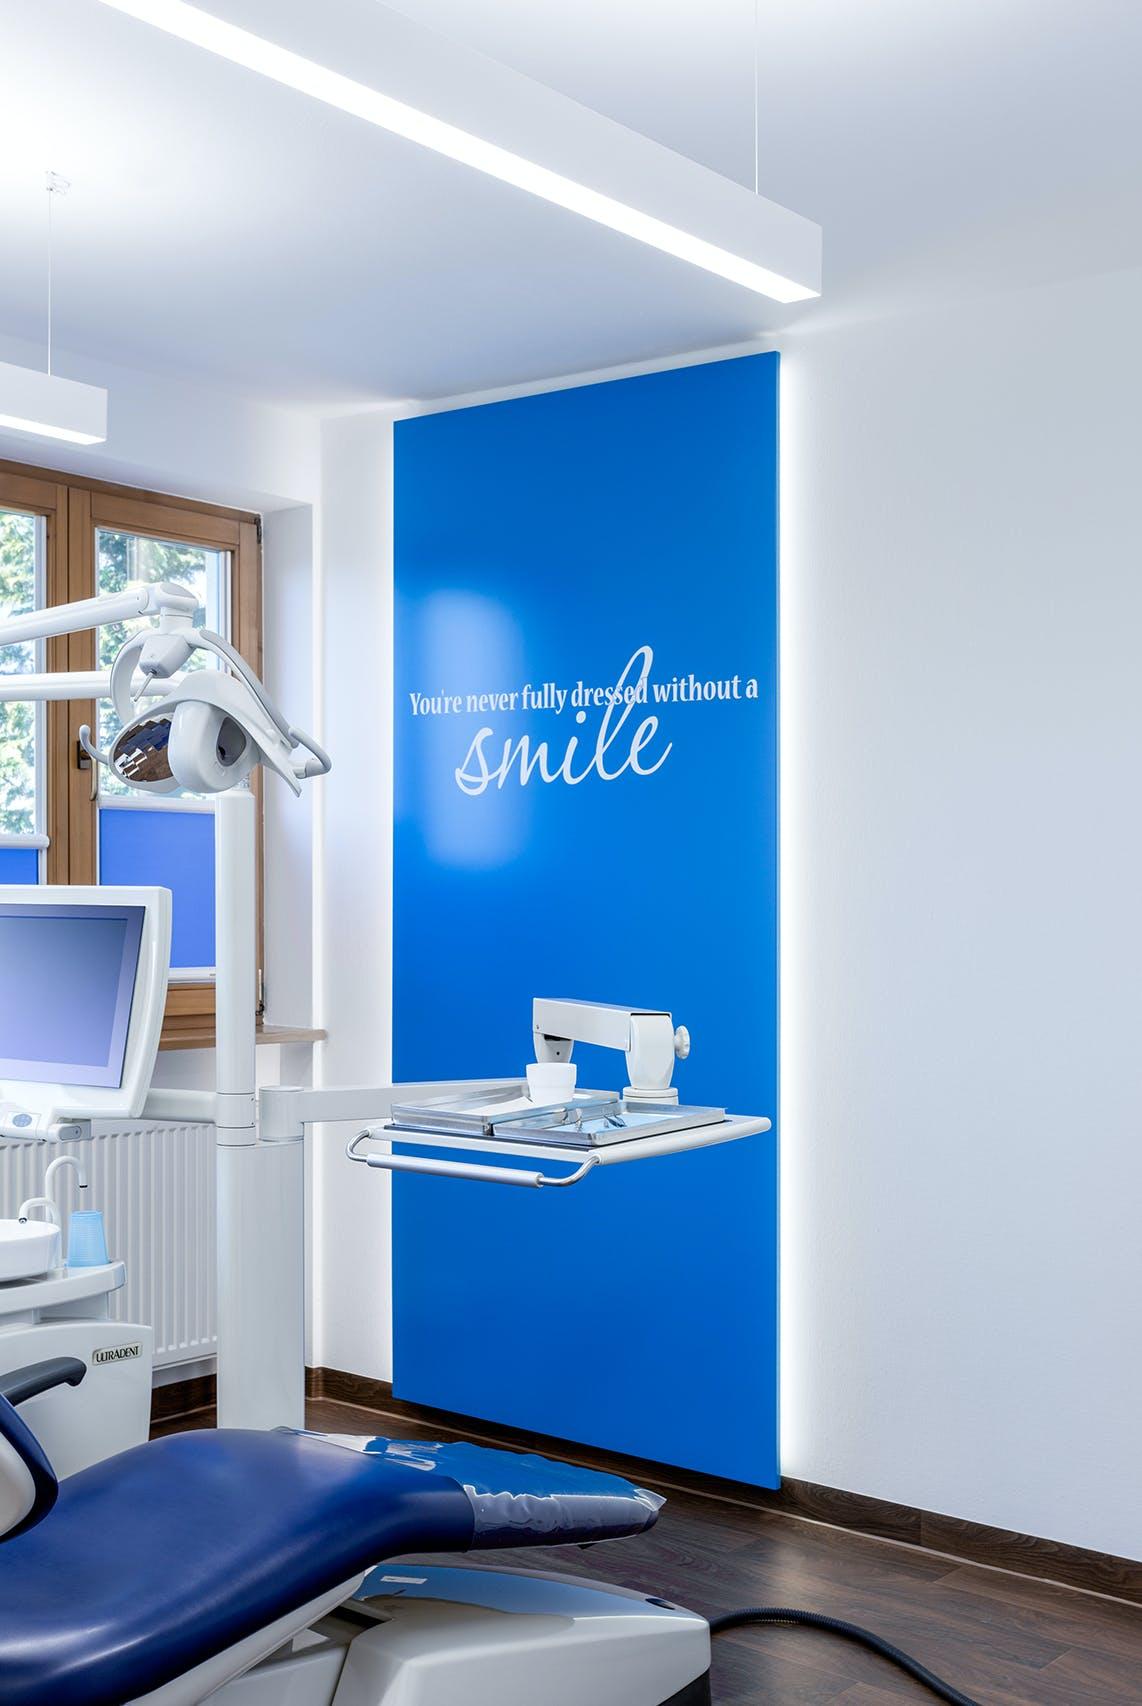 Praxiseinrichtung für Zahnarztpraxis mit Spezialisierung auf Implantologie, ästhetische Zahnheilkunde und 3D-Röntgen